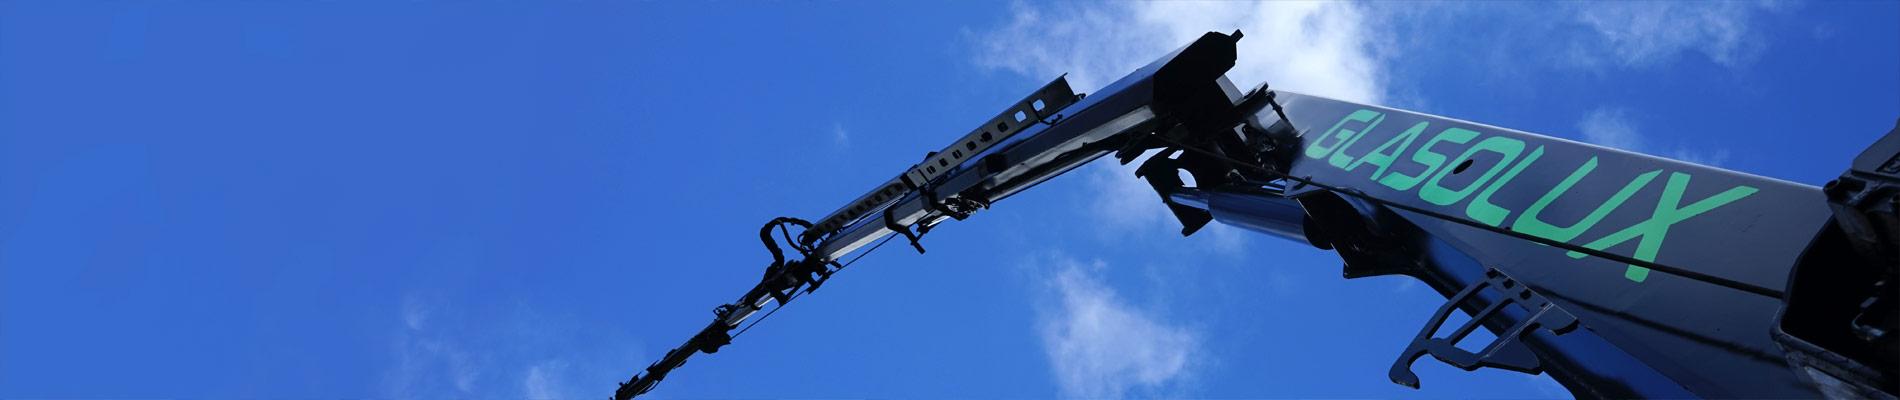 Ladekran mit Fly-Jib und Seilwinde mieten. Für schnelles und sicheres Arbeiten auf engstem Raum